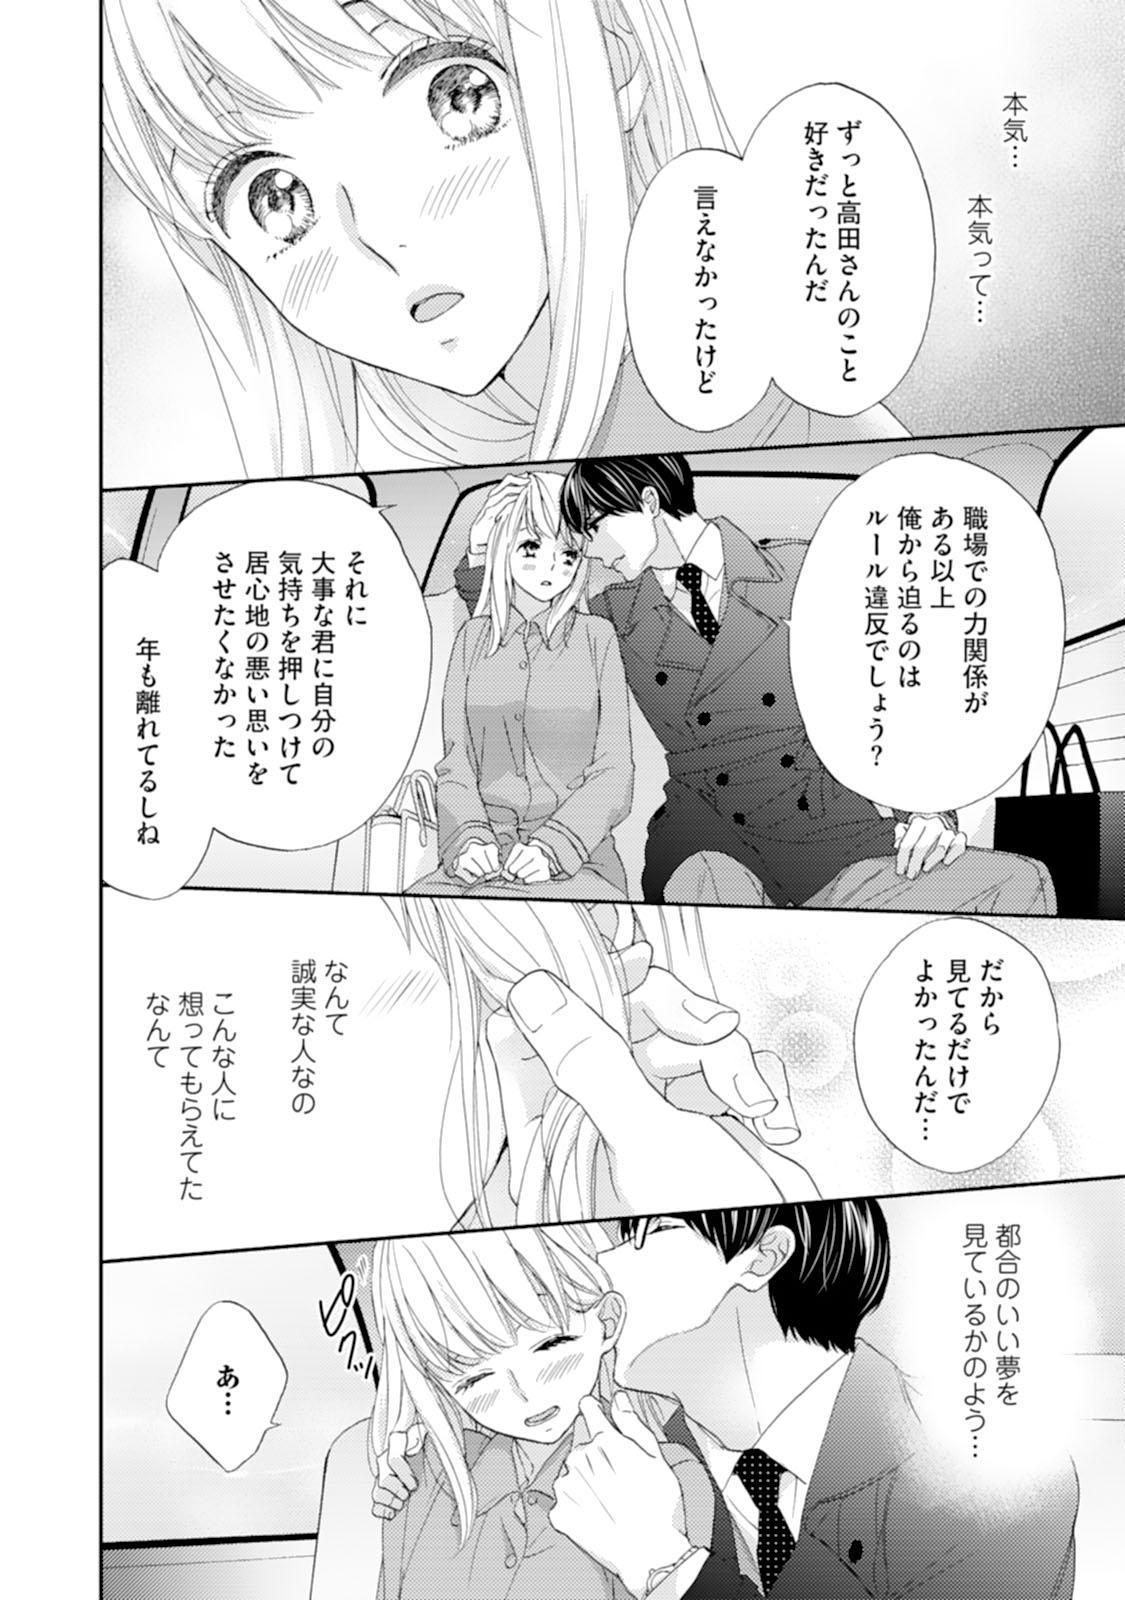 [Adumi Yuu] Choukyou-kei Danshi Ookami-sama to Koneko-chan Ch. 1-3 38